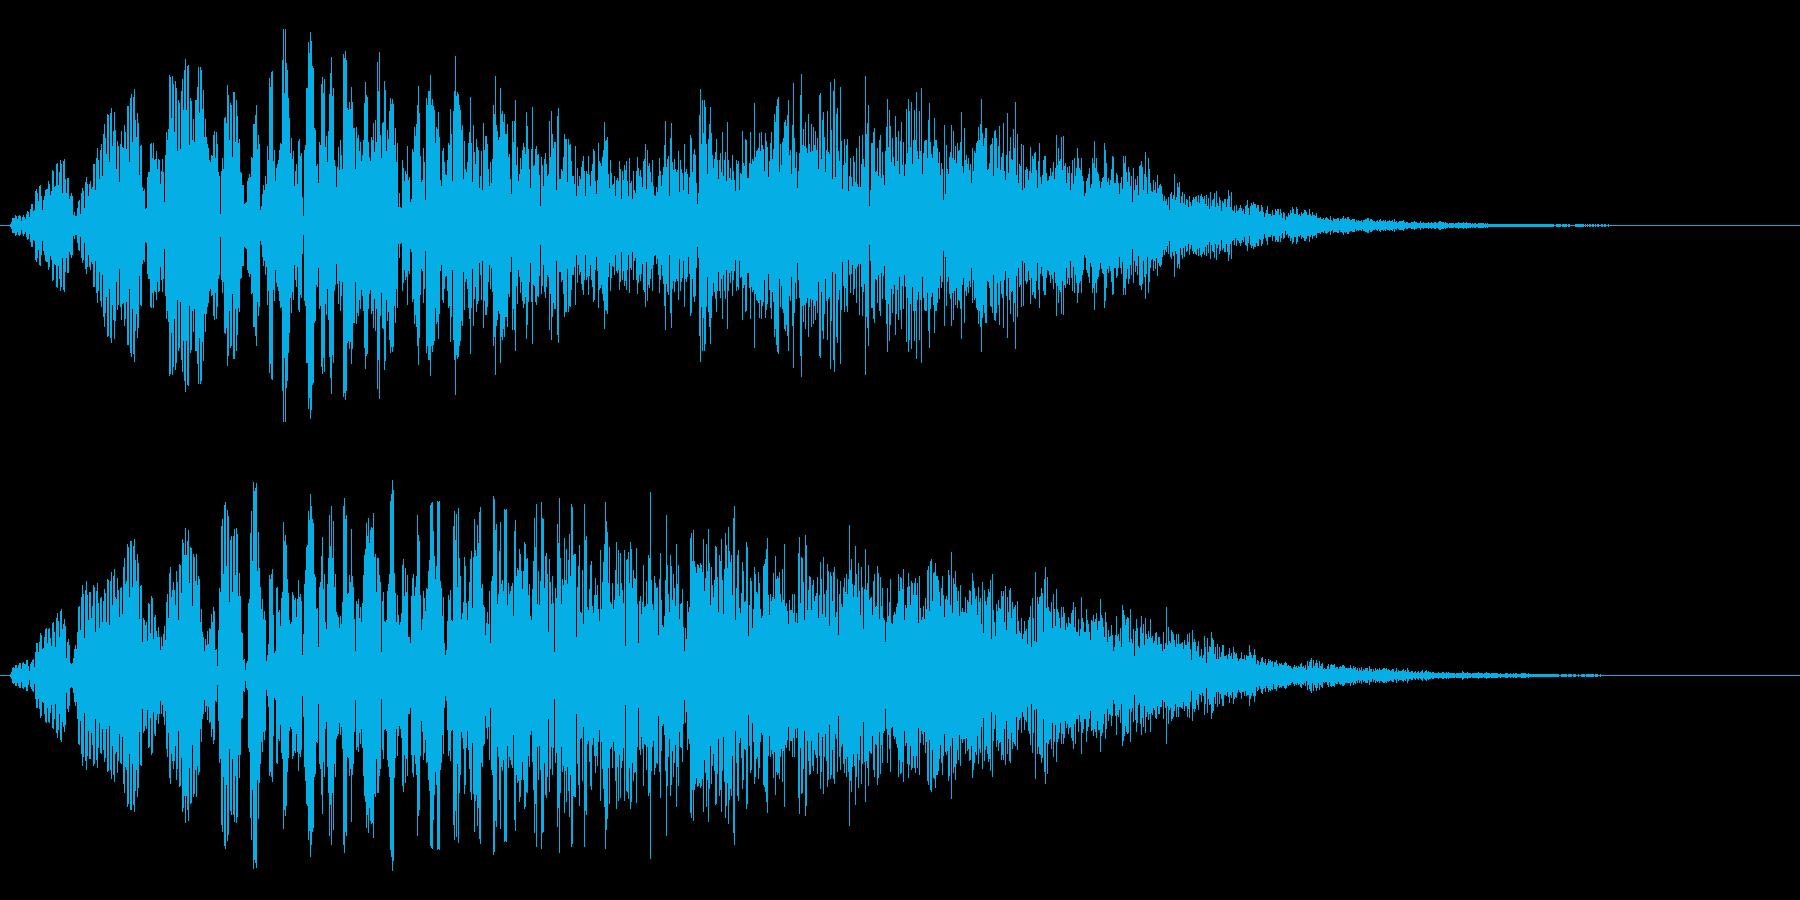 キラキラリ〜ン(低い音から高い音へ)の再生済みの波形